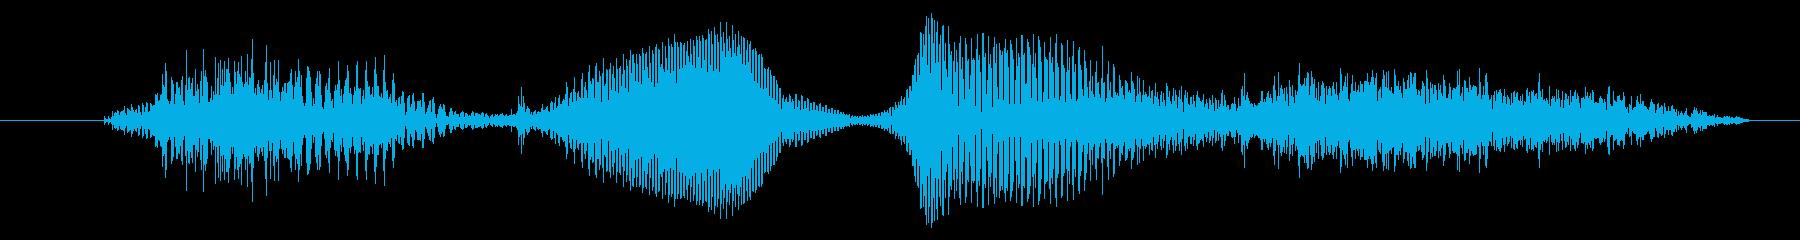 次ですの再生済みの波形